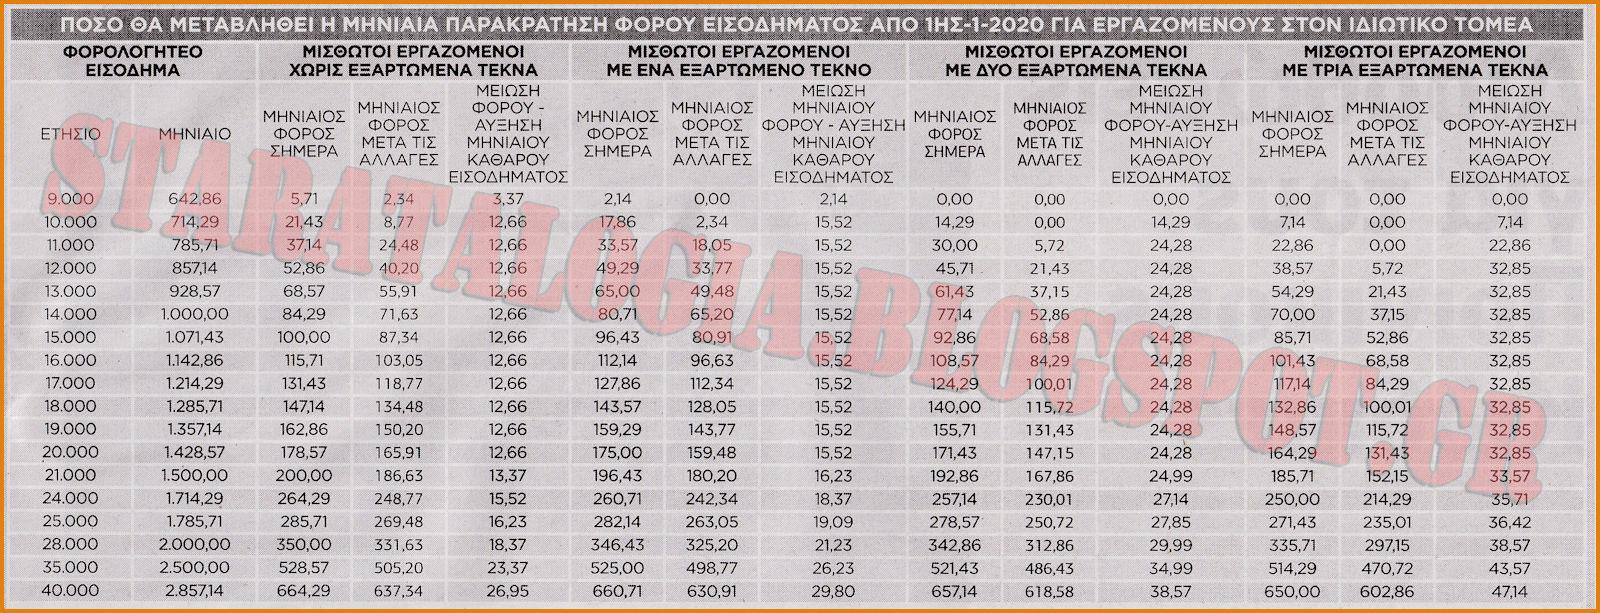 Αυξήσεις σε μισθούς-συντάξεις μέσω μείωσης μηνιαίας παρακράτησης φόρου (ΑΝΑΛΥΤΙΚΟΙ ΠΙΝΑΚΕΣ) - Φωτογραφία 2